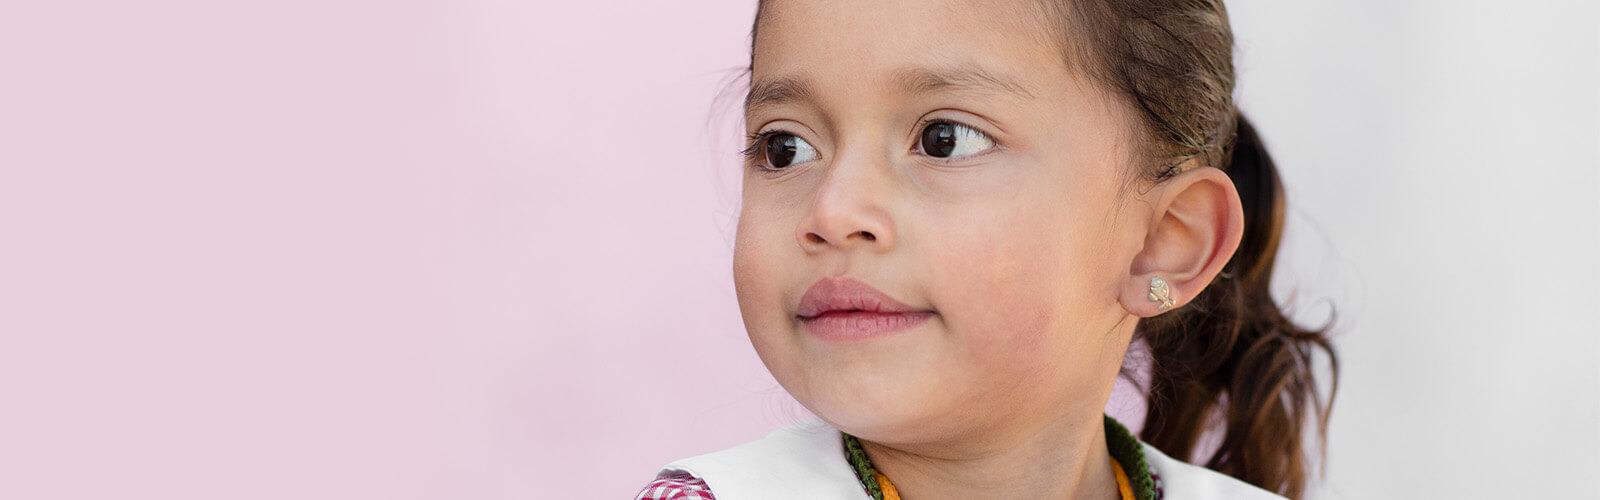 Neljävuotias tyttö tarkastelee maailmaa uteliaasti ihmetellen